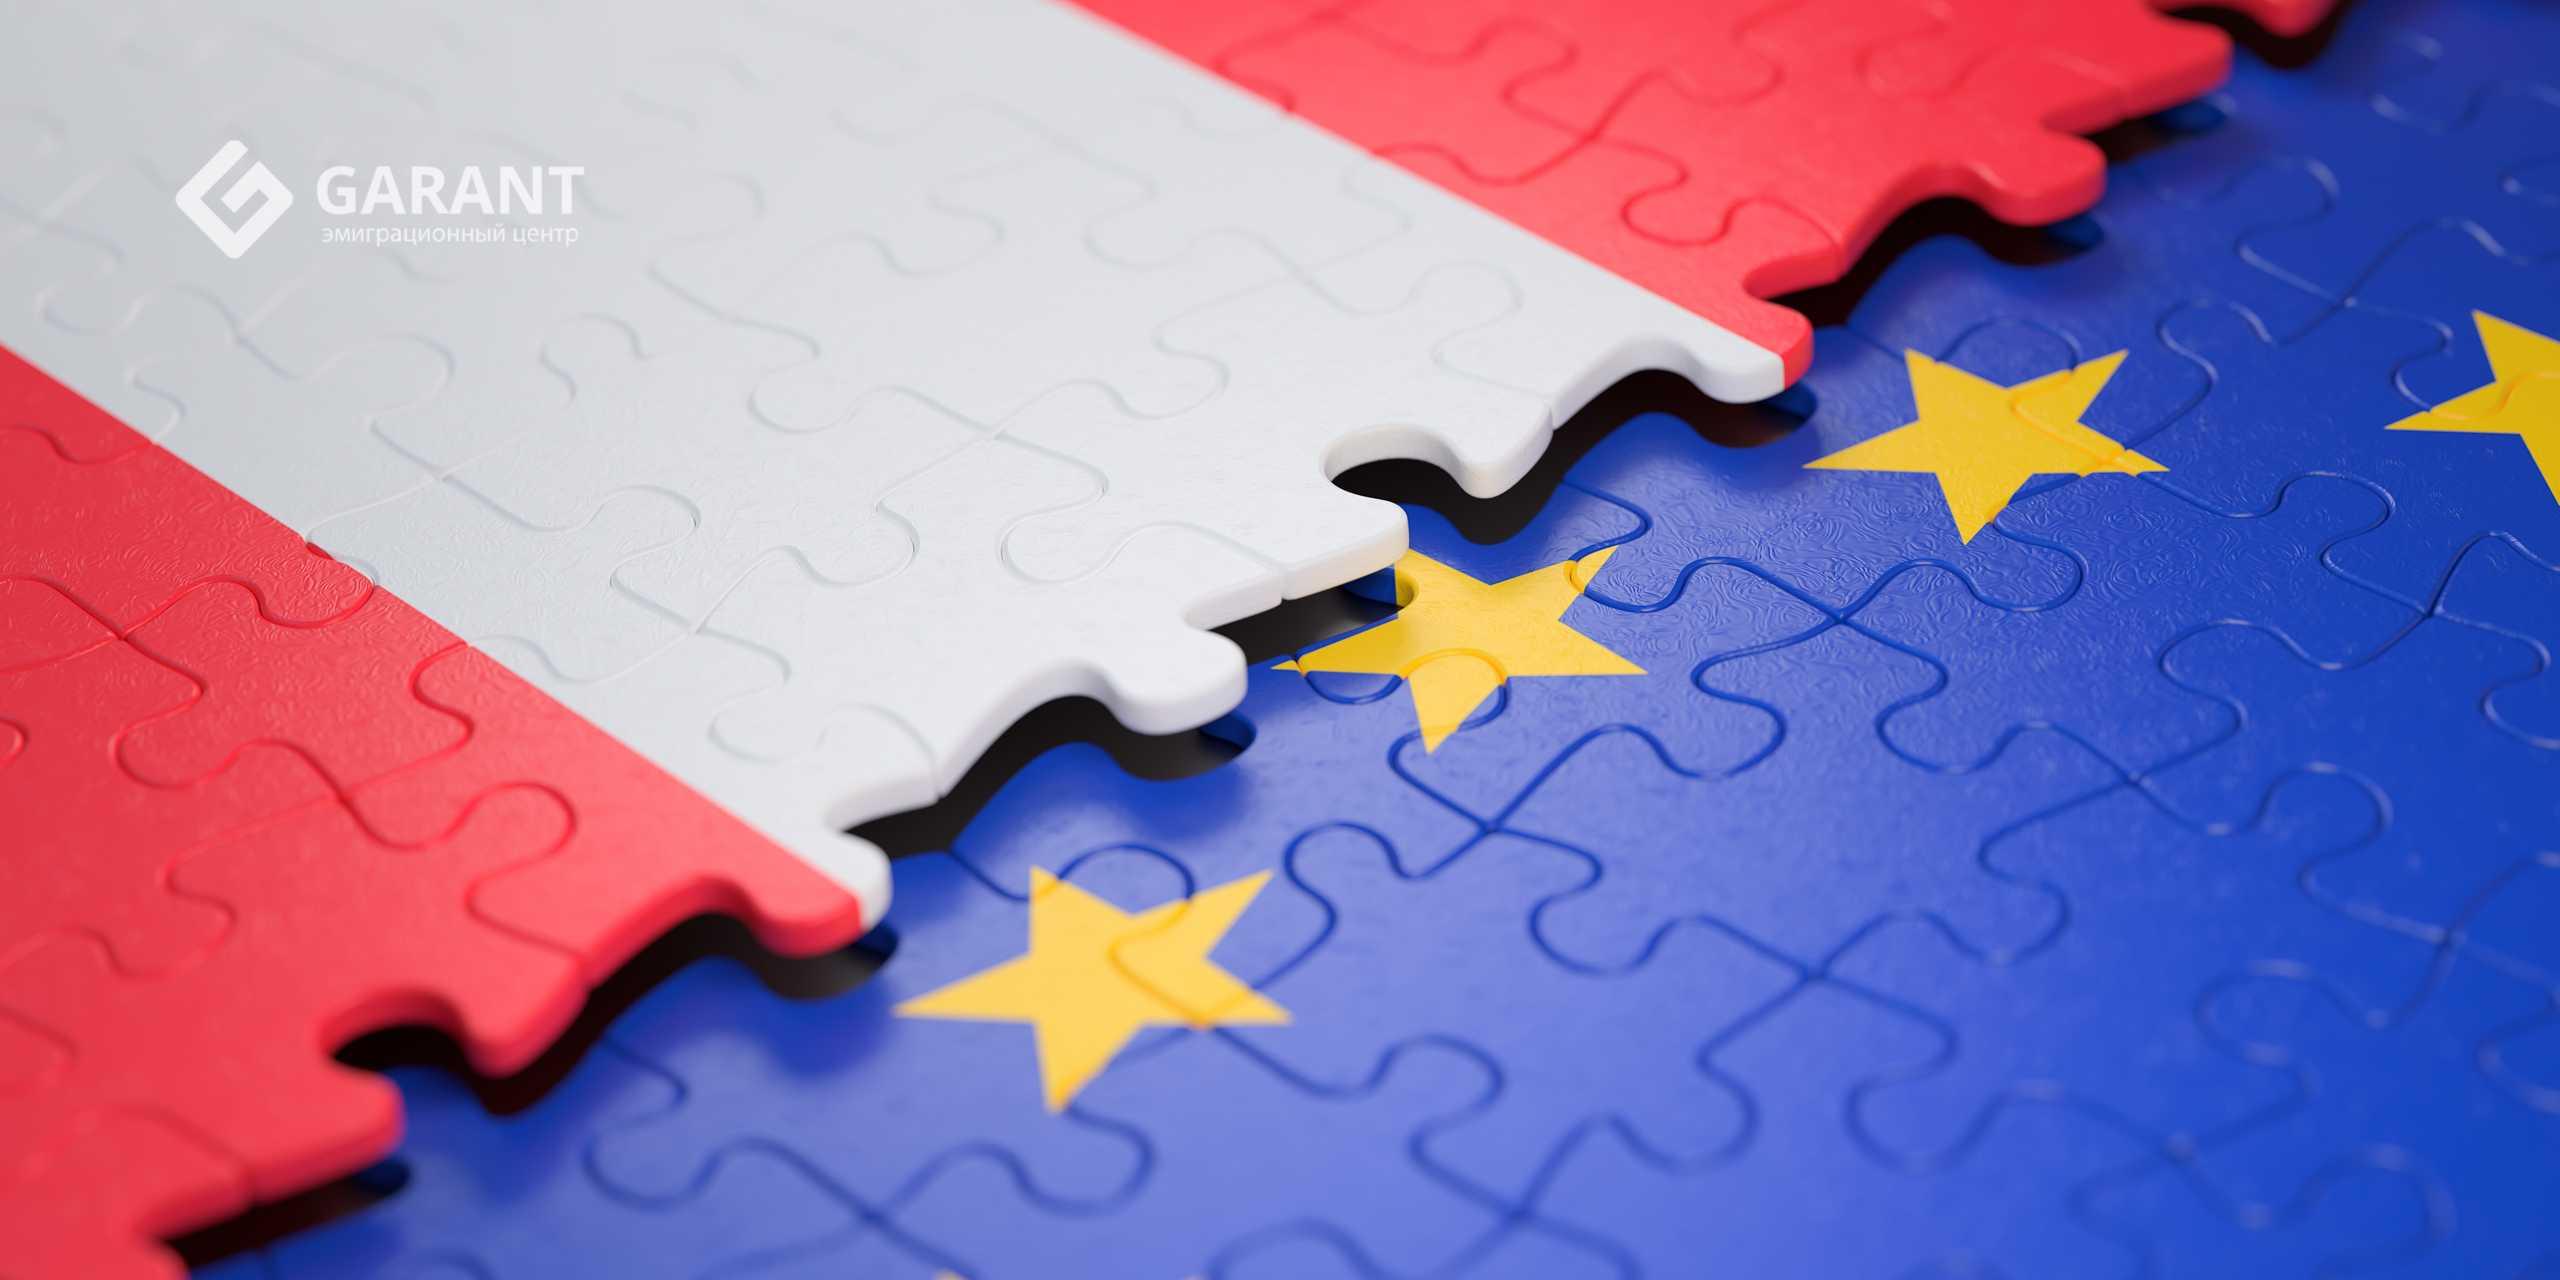 ВНЖ в Австрии для финансово-независимых лиц, или Как стать соседом австрийского миллионера